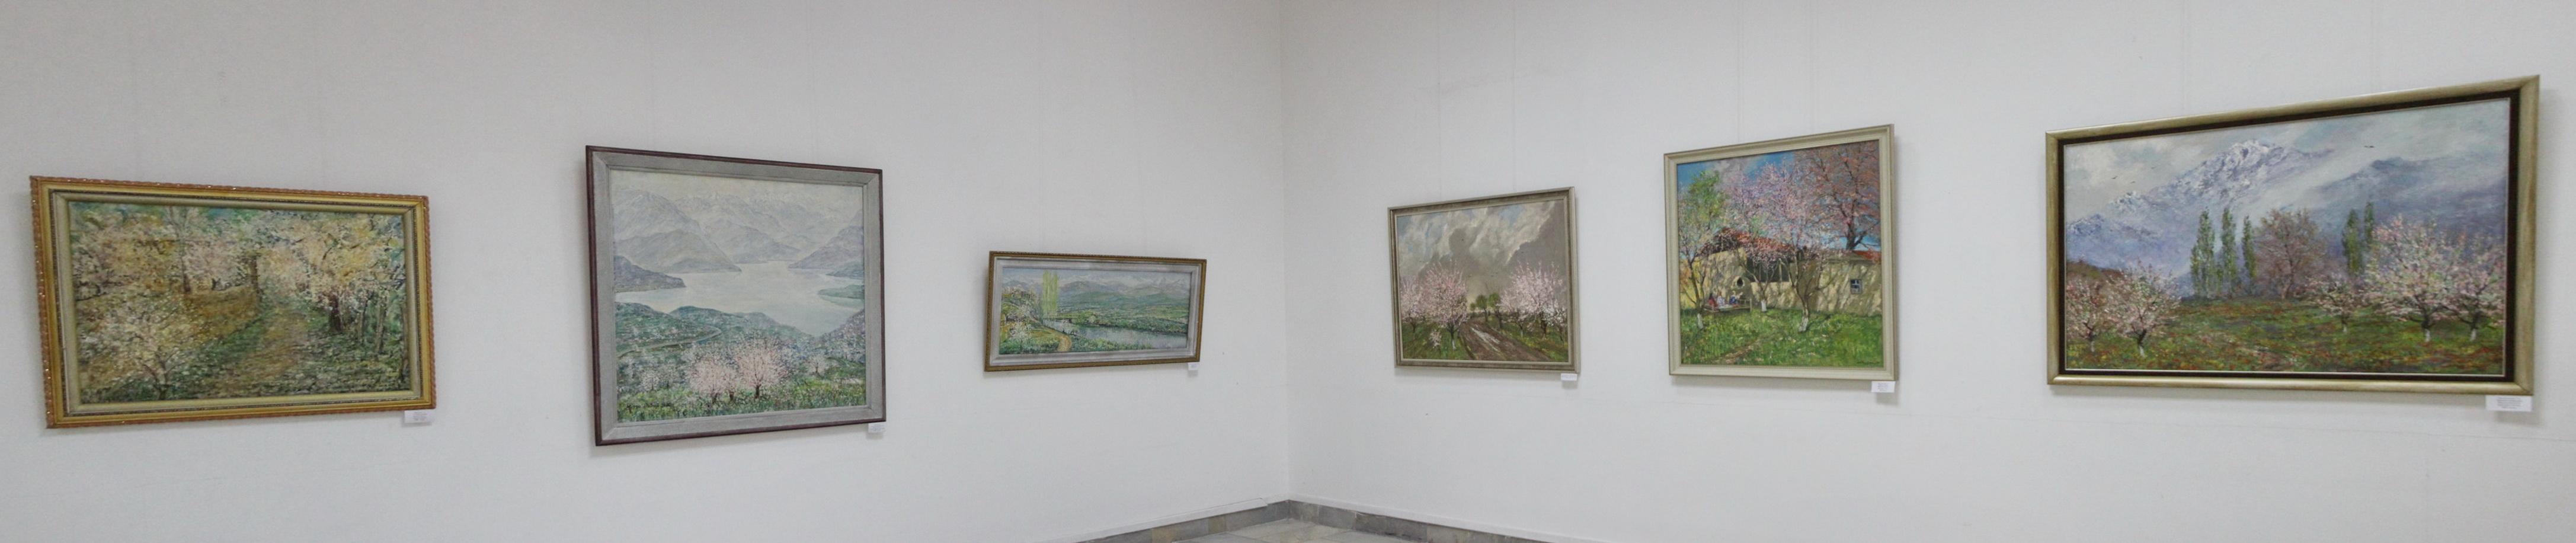 Экспозиция картин Мирсагатова А. и Мирзахмедова Х.